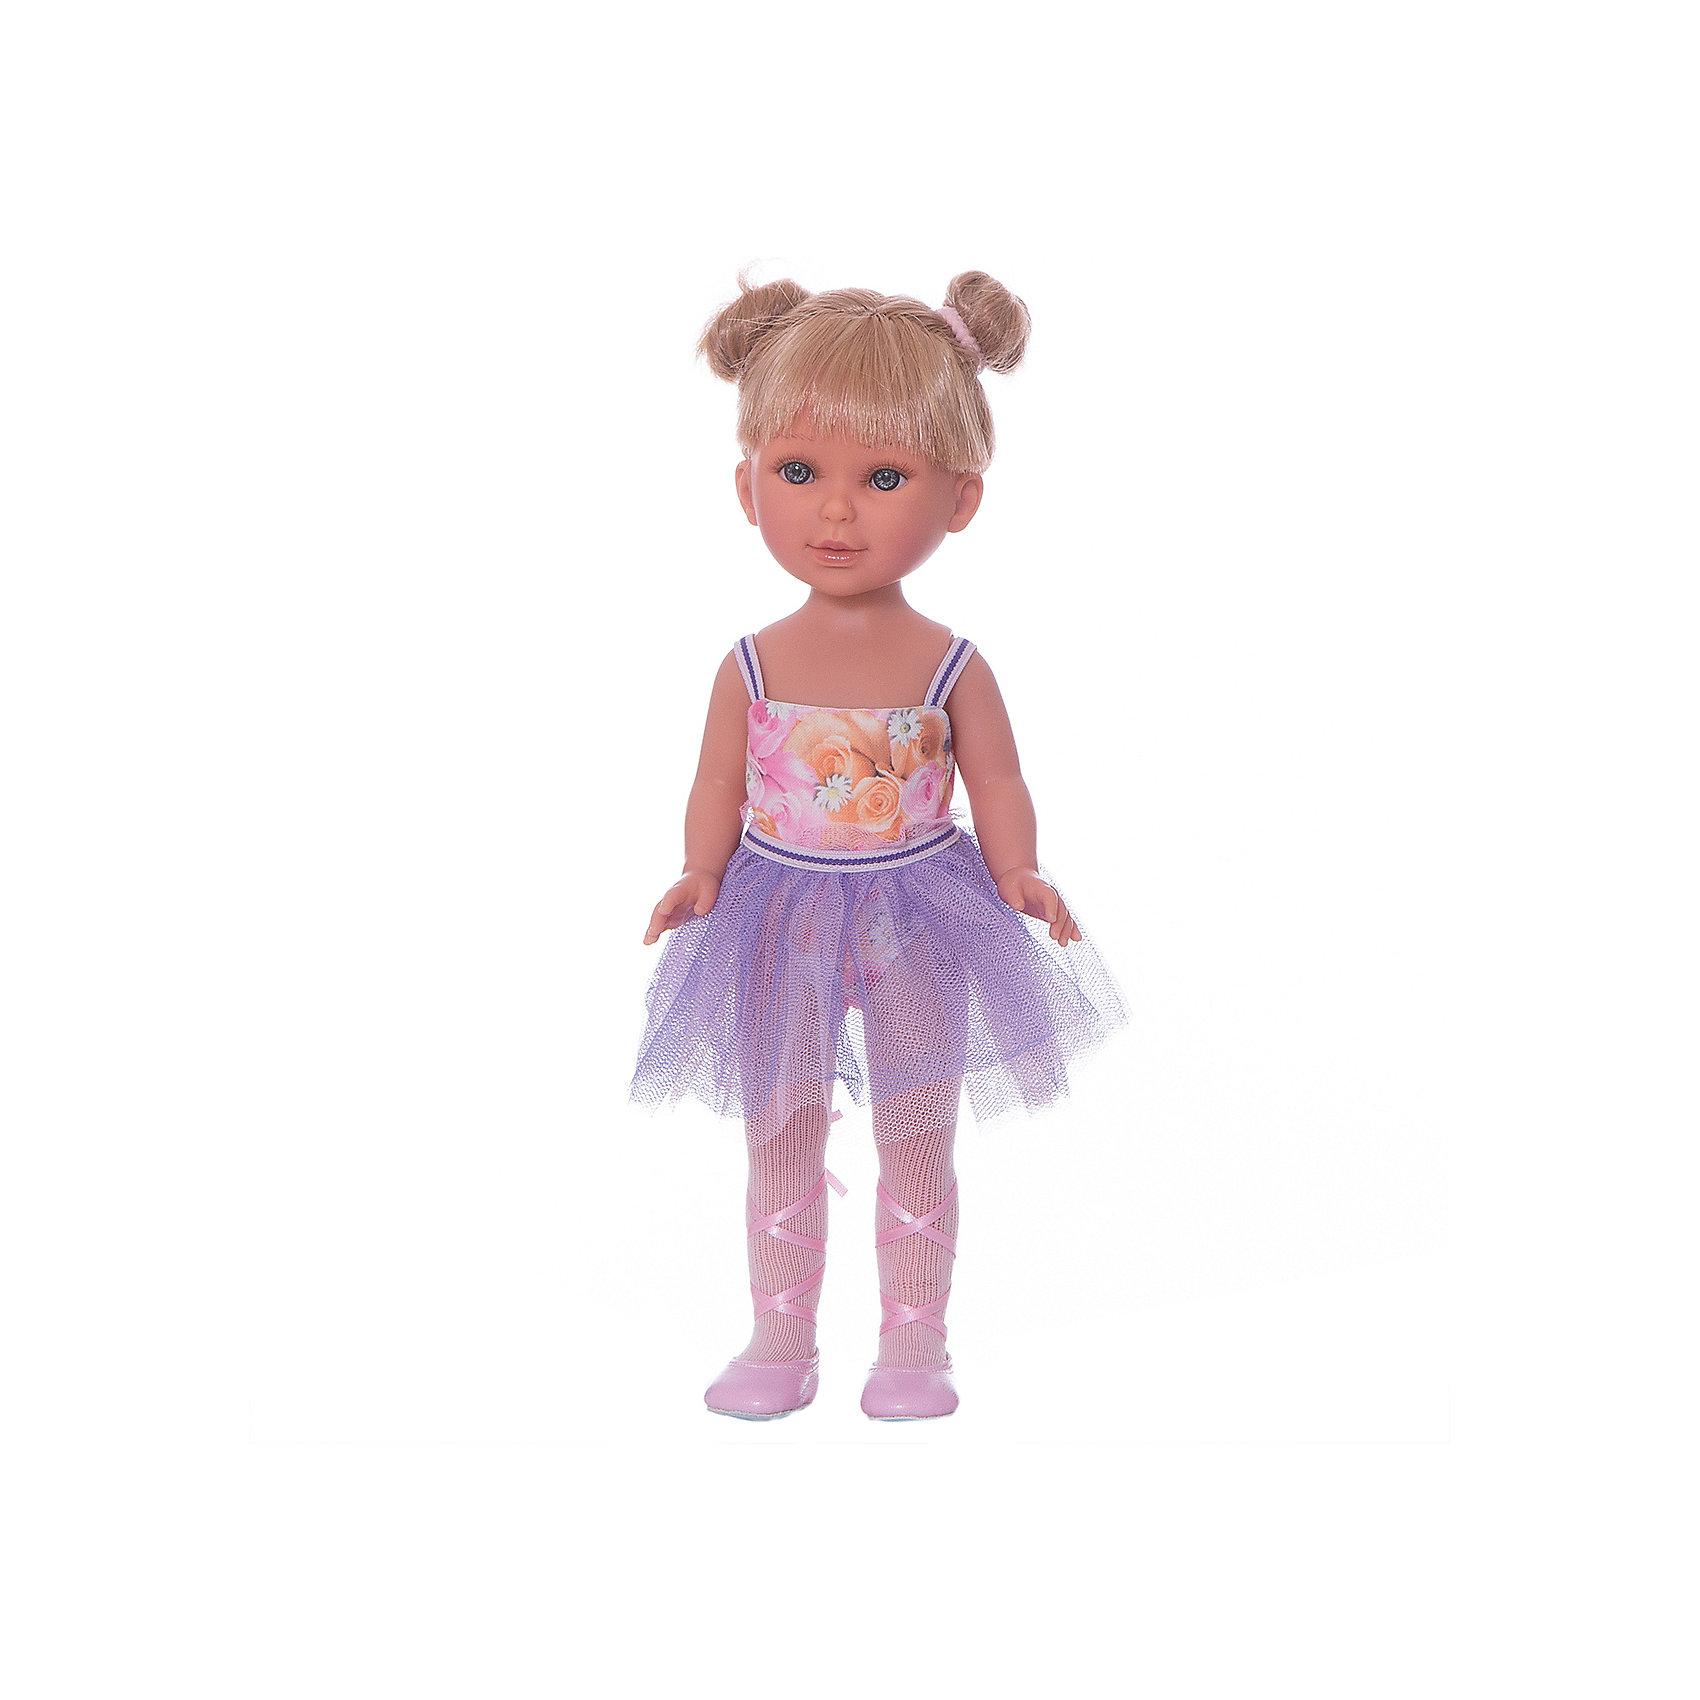 Кукла Паулина балерина, Vestida de AzulКлассические куклы<br>Характеристики товара:<br><br>• возраст: от 3 лет;<br>• материал: винил, текстиль;<br>• в комплекте: кукла, наряд;<br>• высота куклы: 33 см;<br>• размер упаковки: 40,5х22,5х10,5 см;<br>• вес упаковки: 700 гр.;<br>• страна производитель: Испания.<br><br>Кукла Паулина балерина Vestida de Azul одета в костюм балерины: фиолетовую пачку и розовые пуанты с лентами. У Паулины милое личико с большими живыми глазками, щечками с легким румянцем. Светлые волосы с челкой очень похожи на натуральные. Девочка сможет расчесывать их, укладывать, заплетать, придумывая кукле разнообразные прически.<br><br>Куклу Паулину балерину Vestida de Azul можно приобрести в нашем интернет-магазине.<br><br>Ширина мм: 225<br>Глубина мм: 105<br>Высота мм: 405<br>Вес г: 700<br>Возраст от месяцев: 36<br>Возраст до месяцев: 2147483647<br>Пол: Женский<br>Возраст: Детский<br>SKU: 6844336